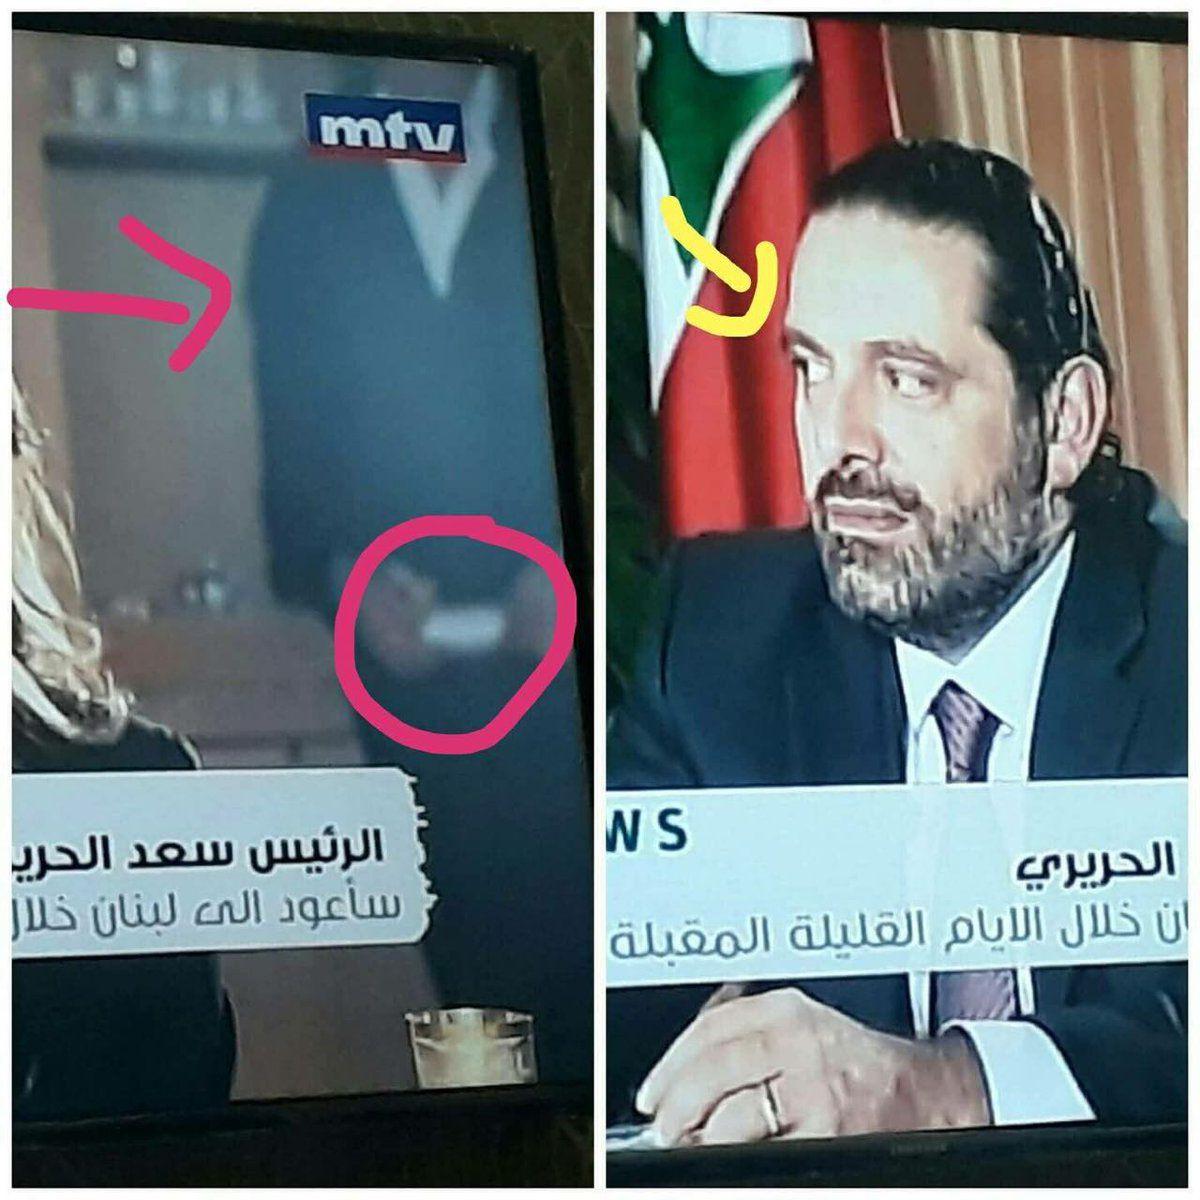 نظرات سعد الحريري والشخص بالزي الرسمي